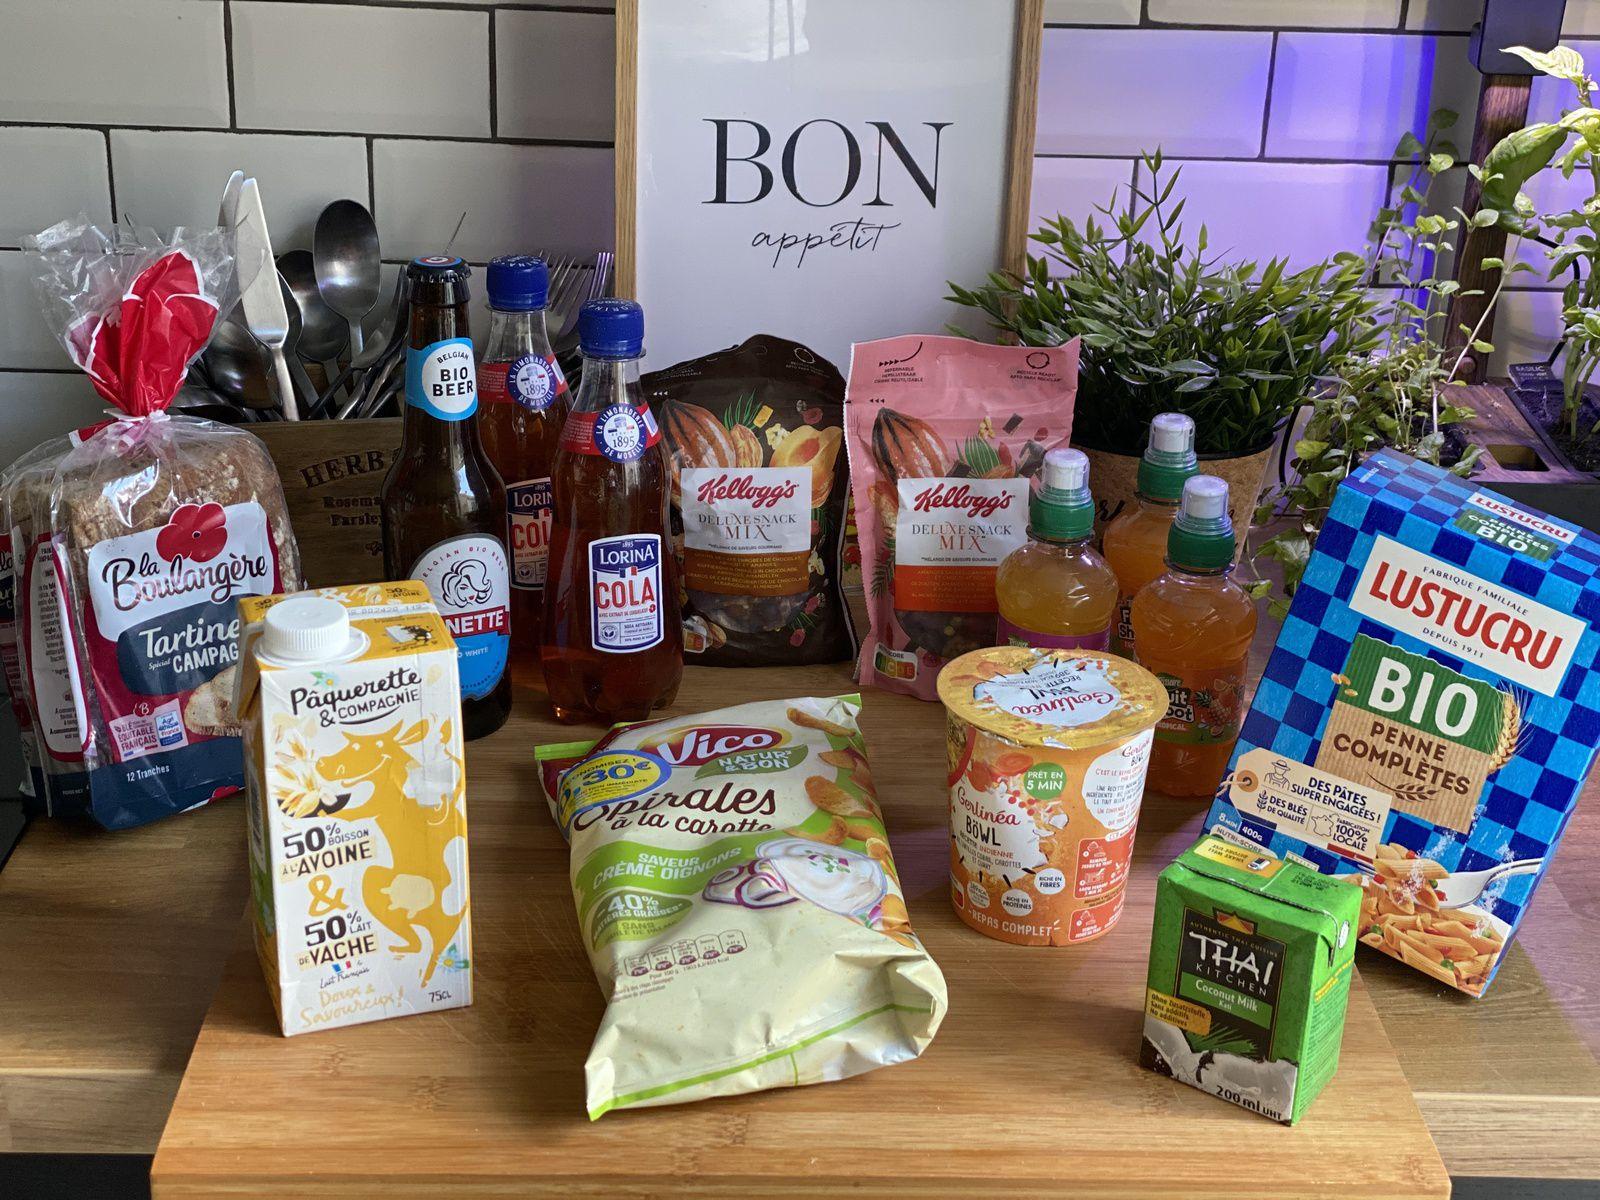 DEGUSTA Box : Septembre 2021 - Saine & gourmande